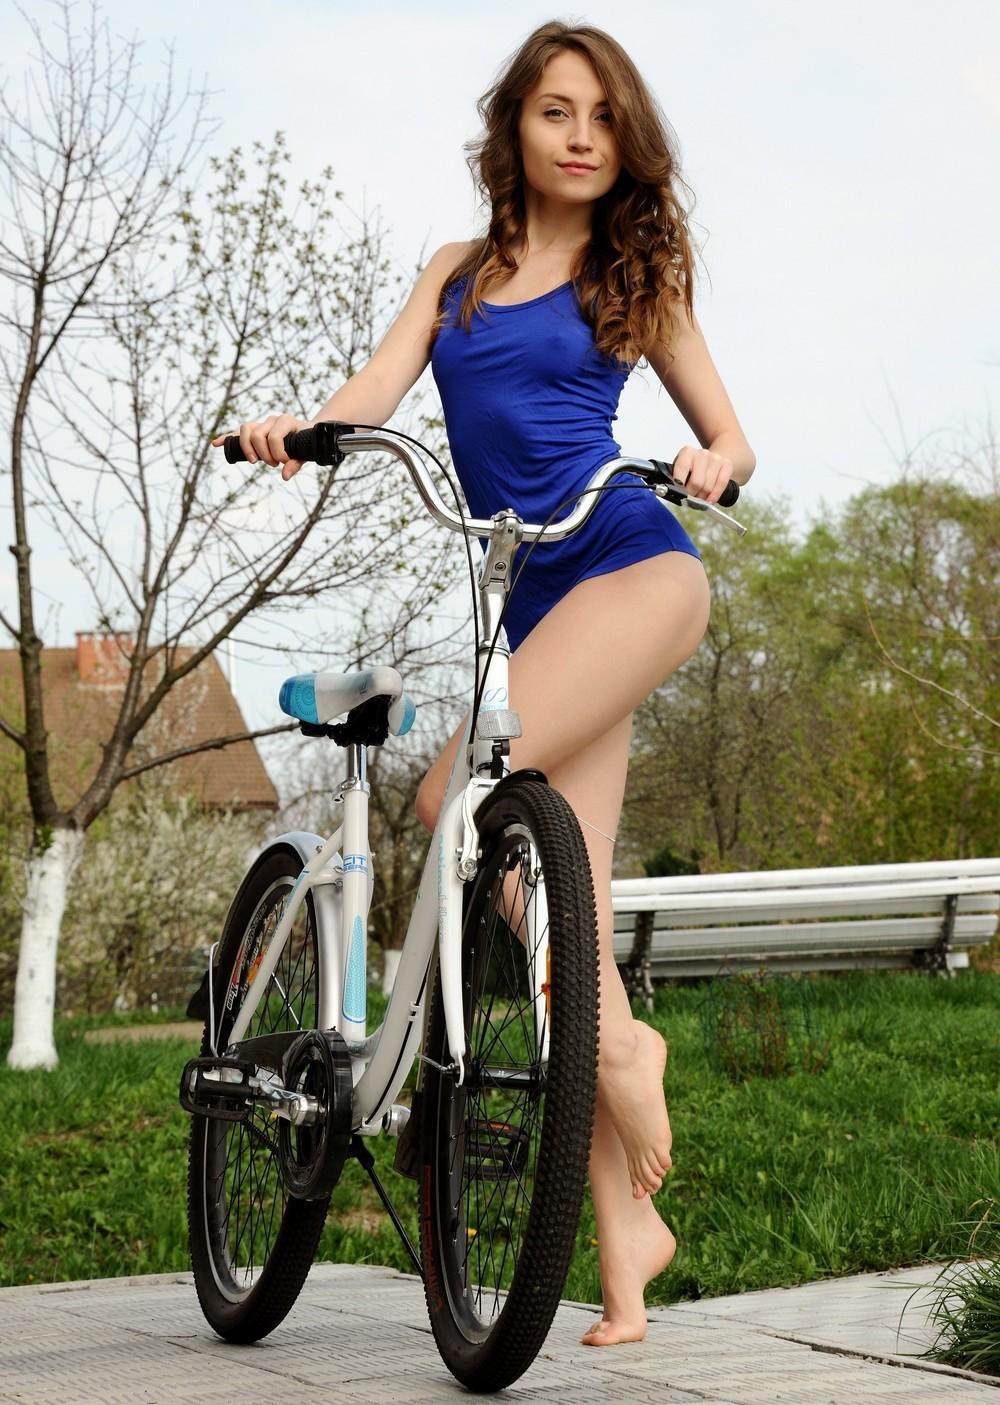 Bruna uma morena sensual andando de bicicleta totalmente nua